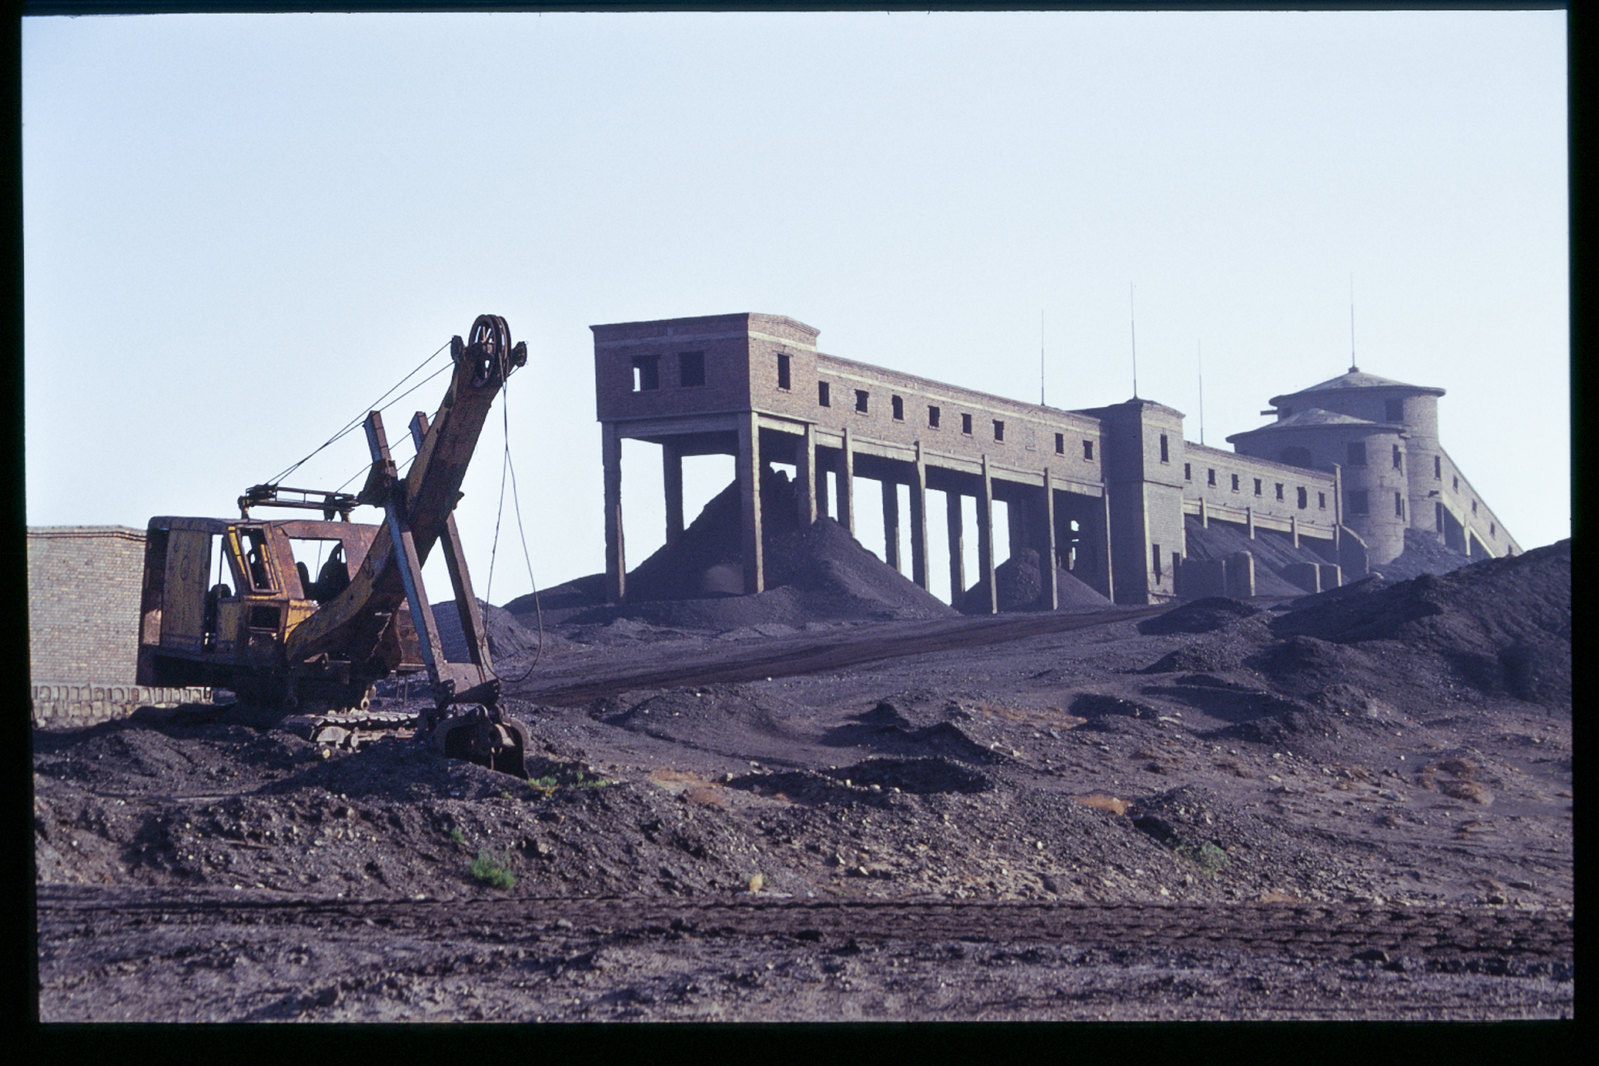 La Chine à vélo - de Pékin à Urumqi - Une mine de charbon